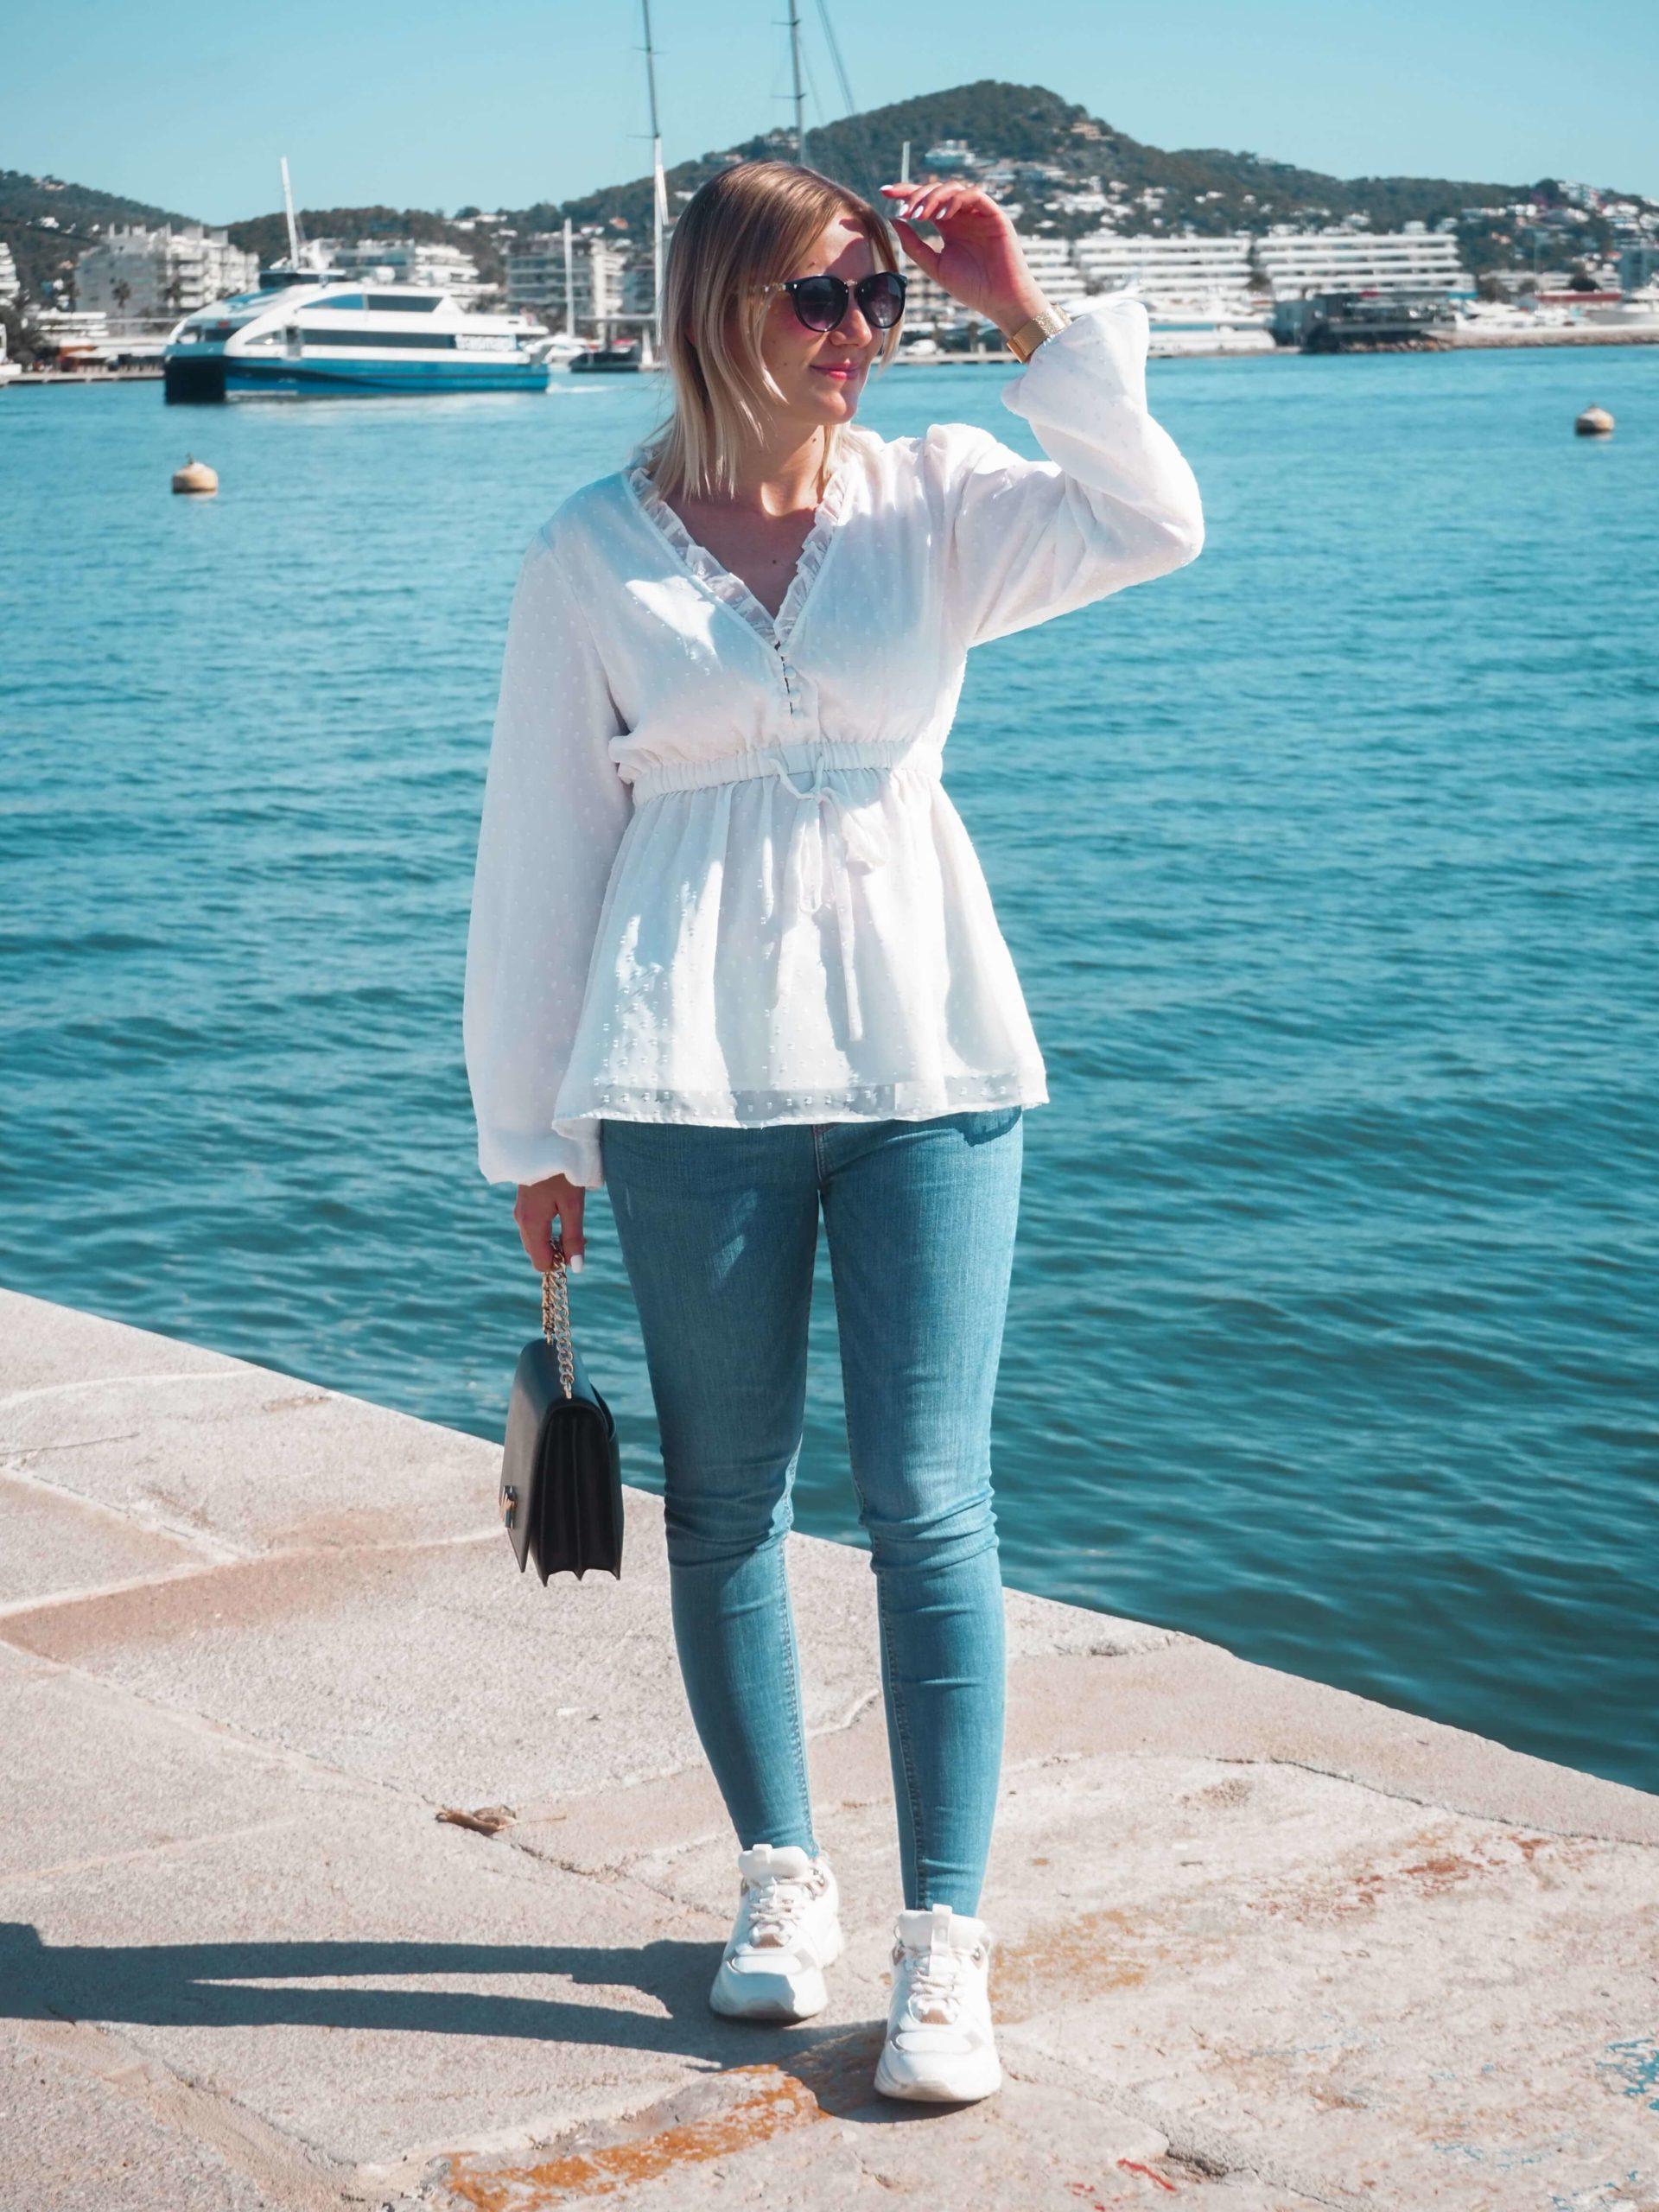 Mein liebstes Frühlingsoutfit mit weißer Bluse, Jeanshose und Sneaker